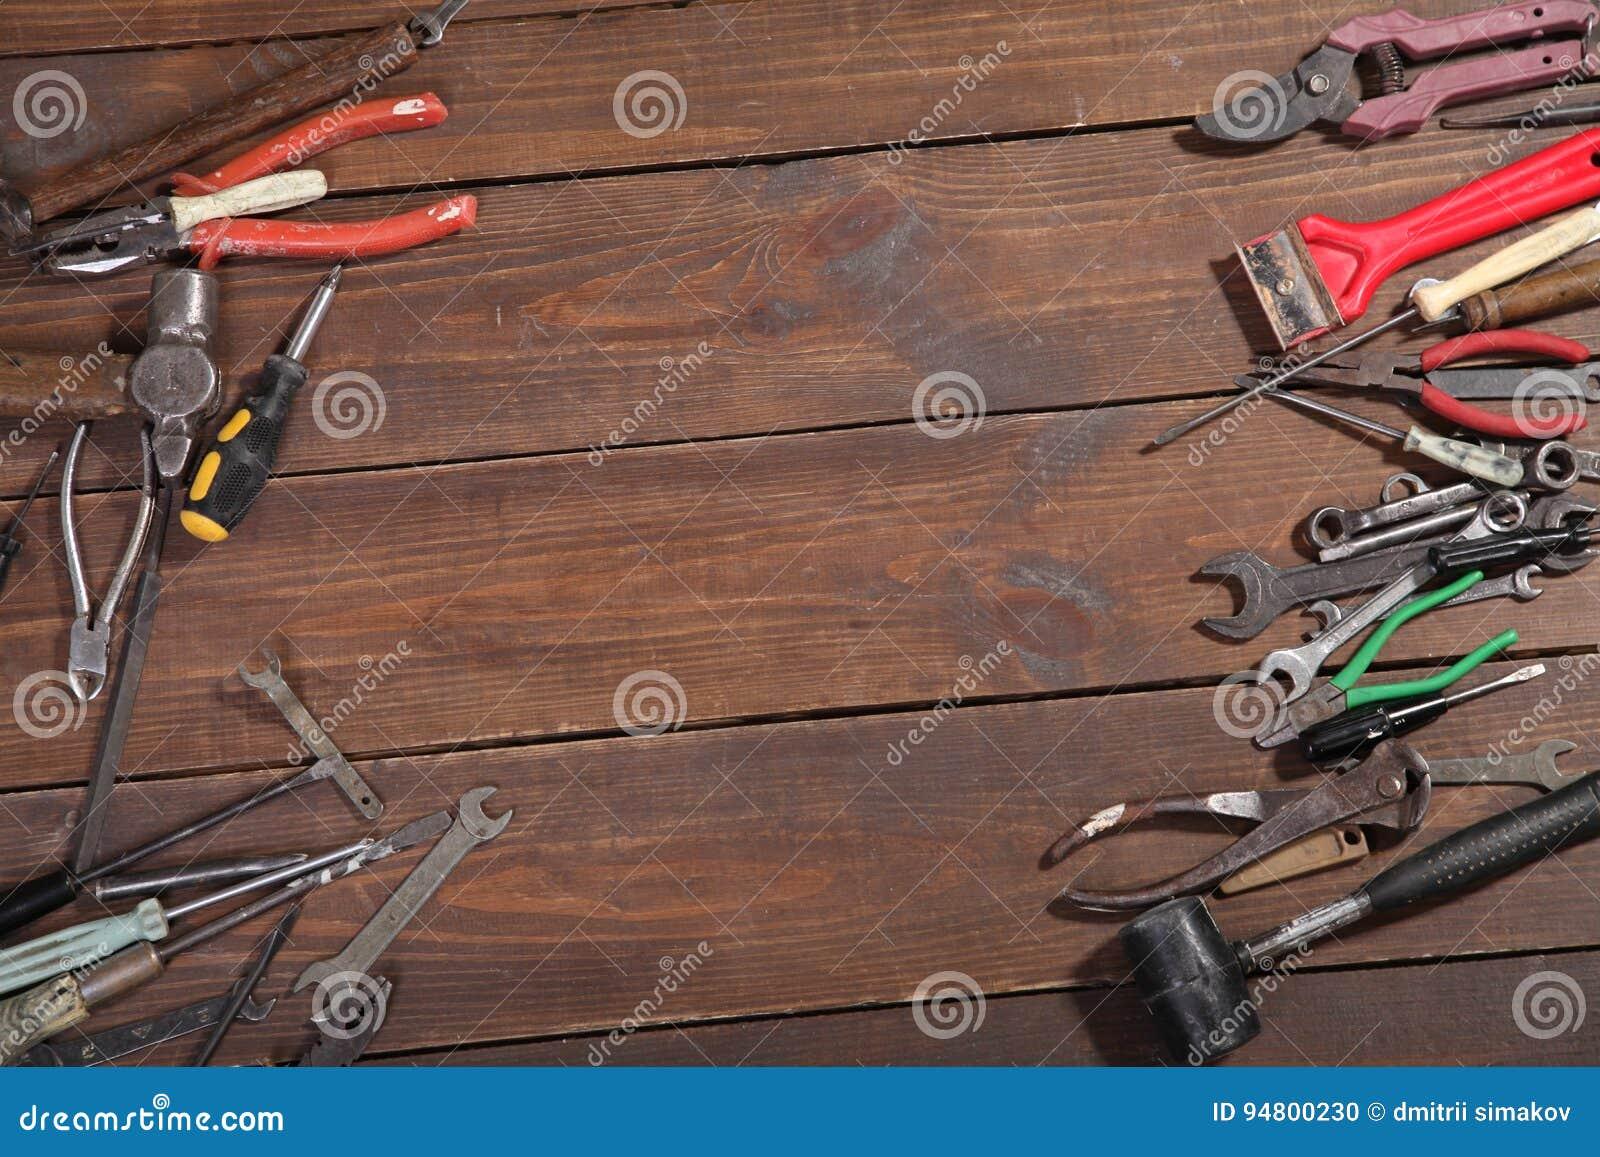 建筑锤击螺丝刀修理工具钳子